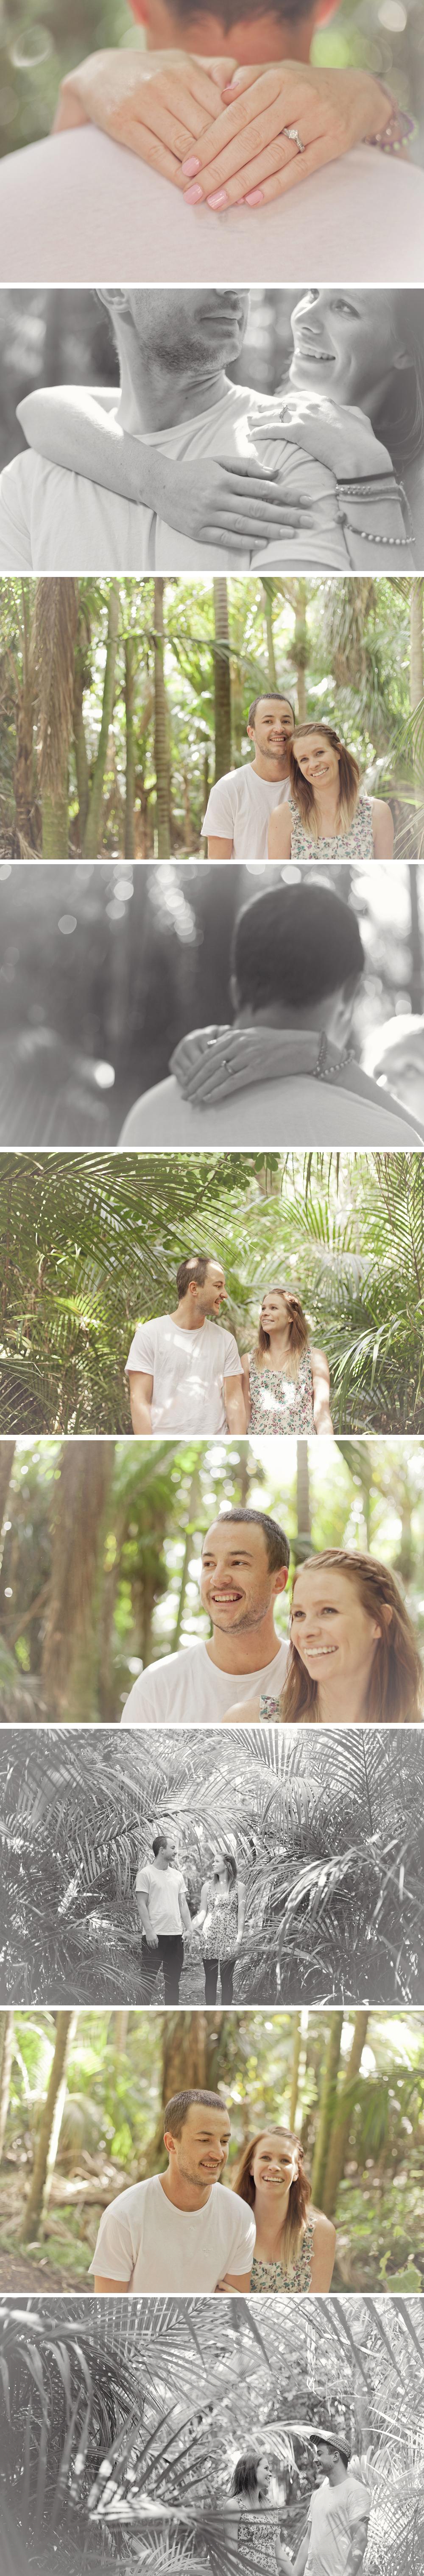 Engagement photography Wellington